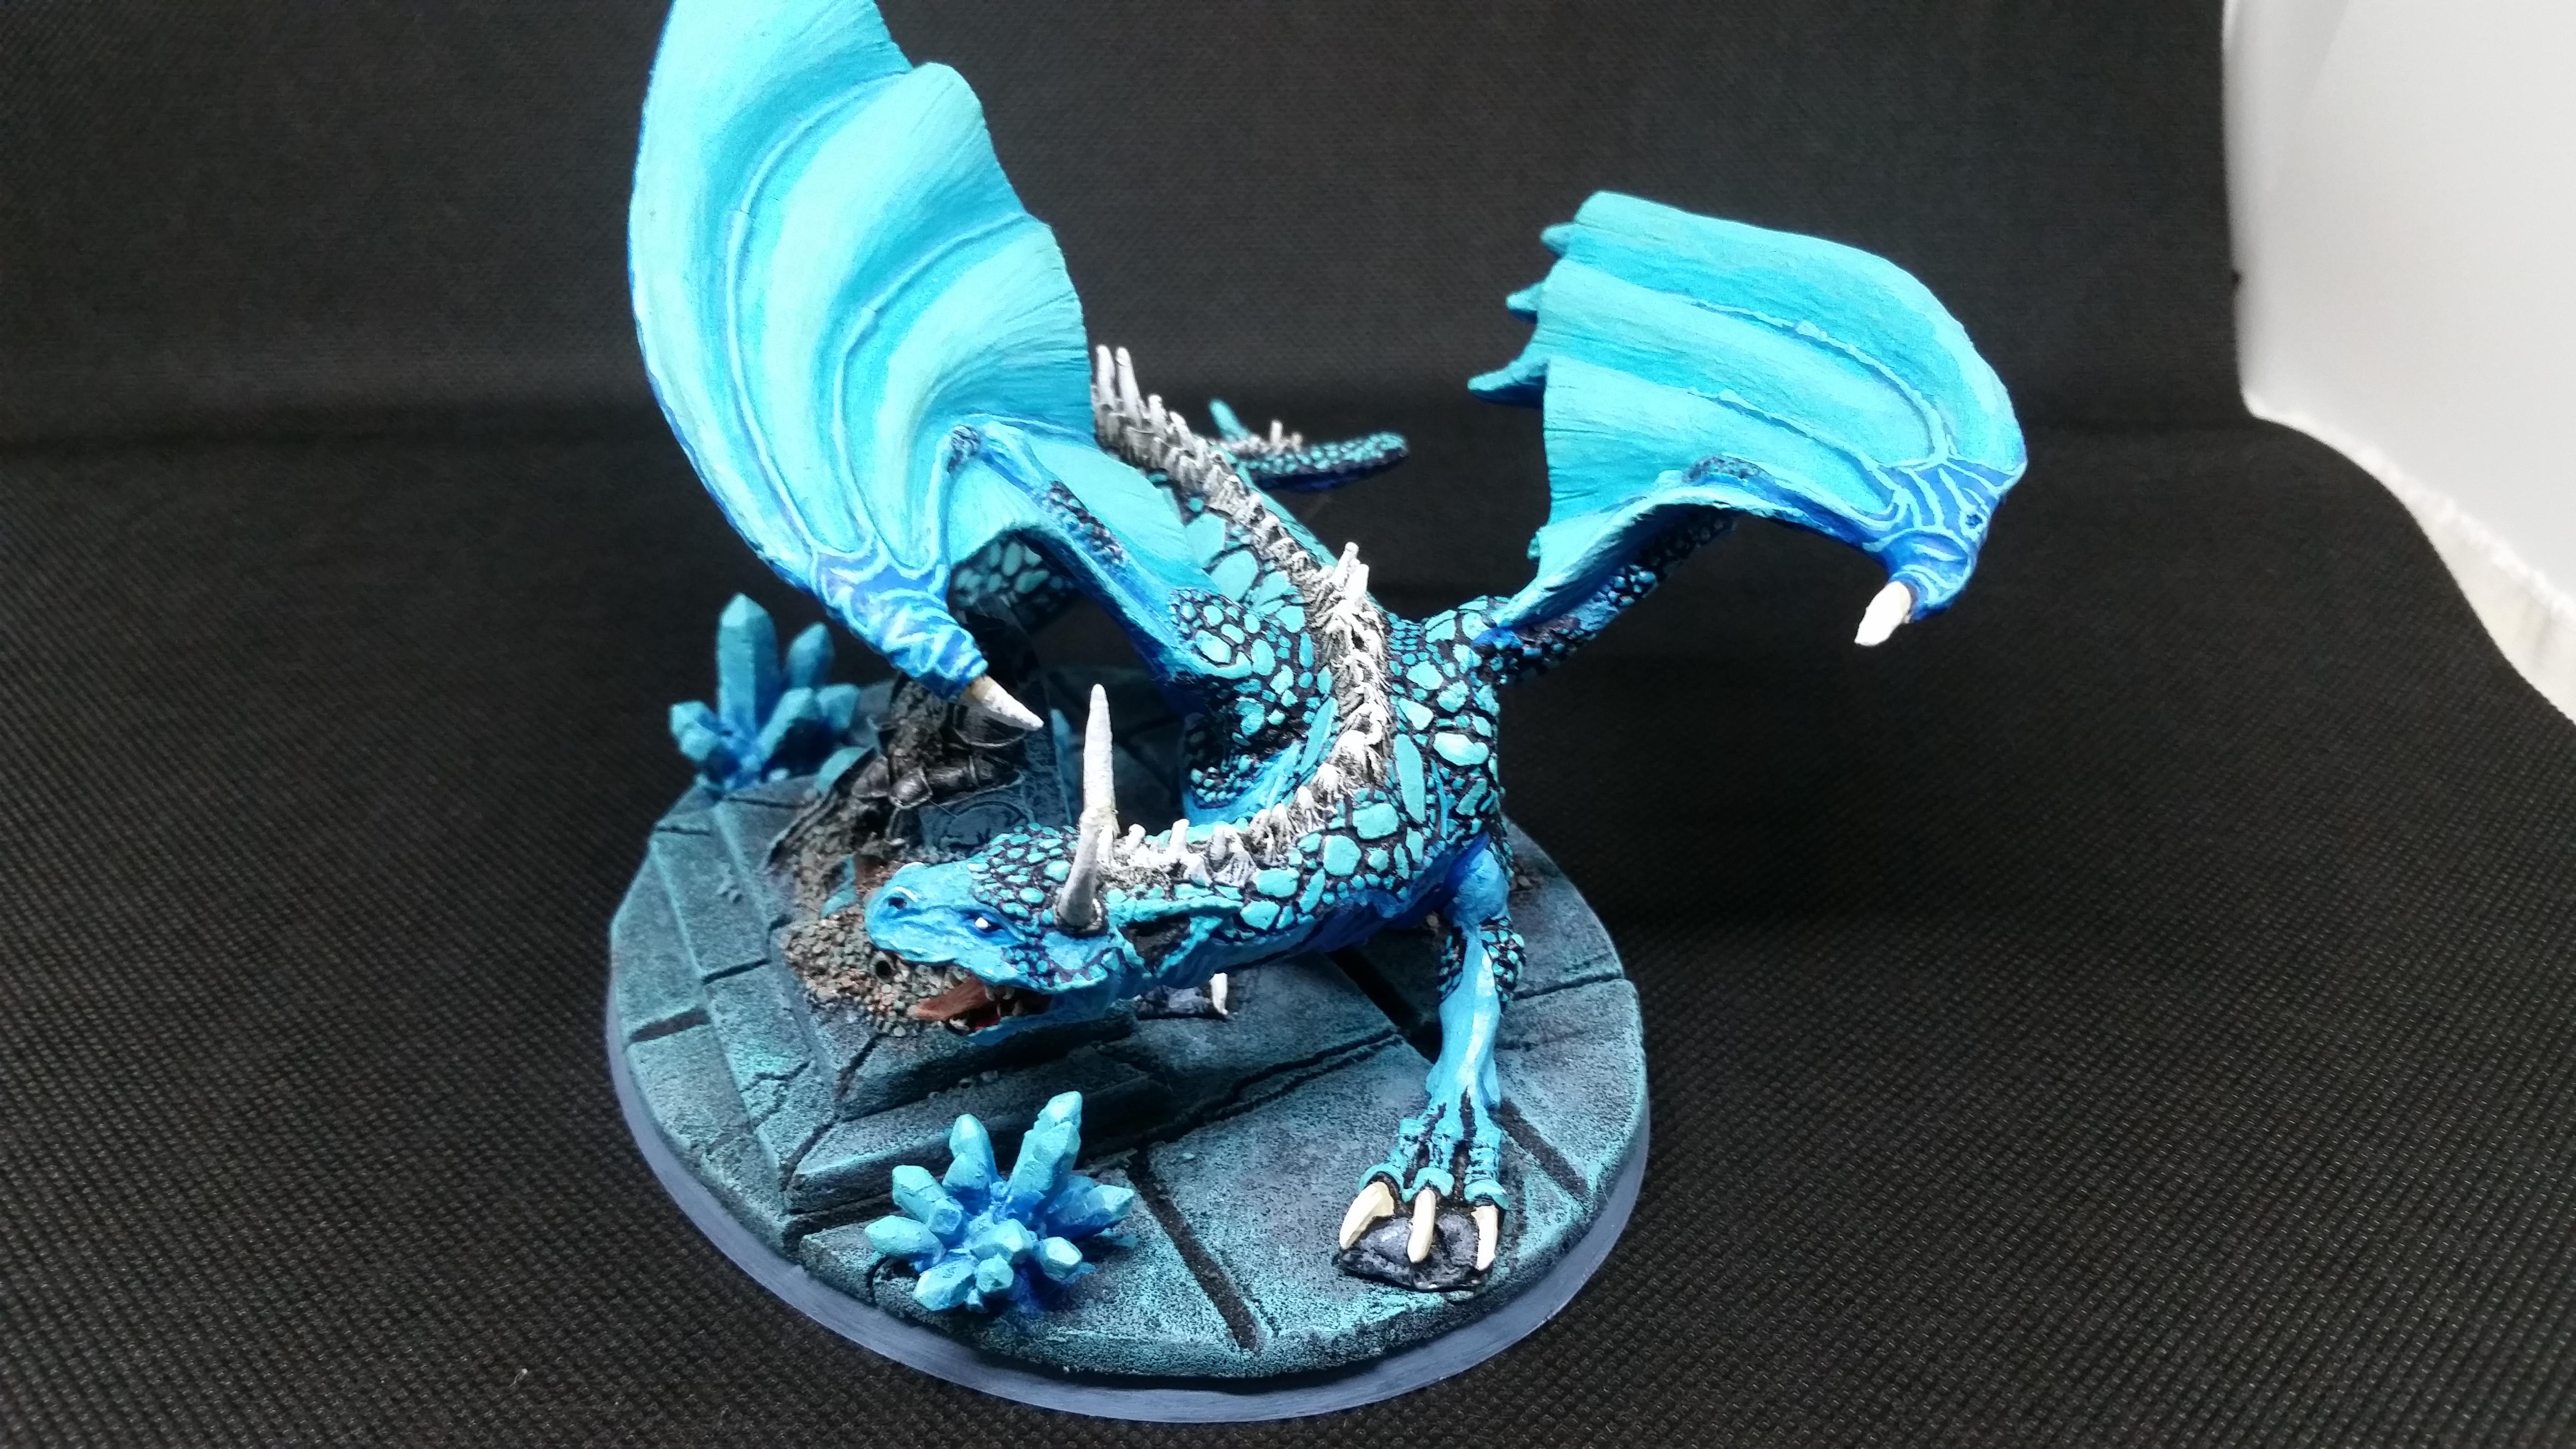 [Andrann i ùan - Confirmé] Le Dragon de Saphyr [Résolu] RG3k8